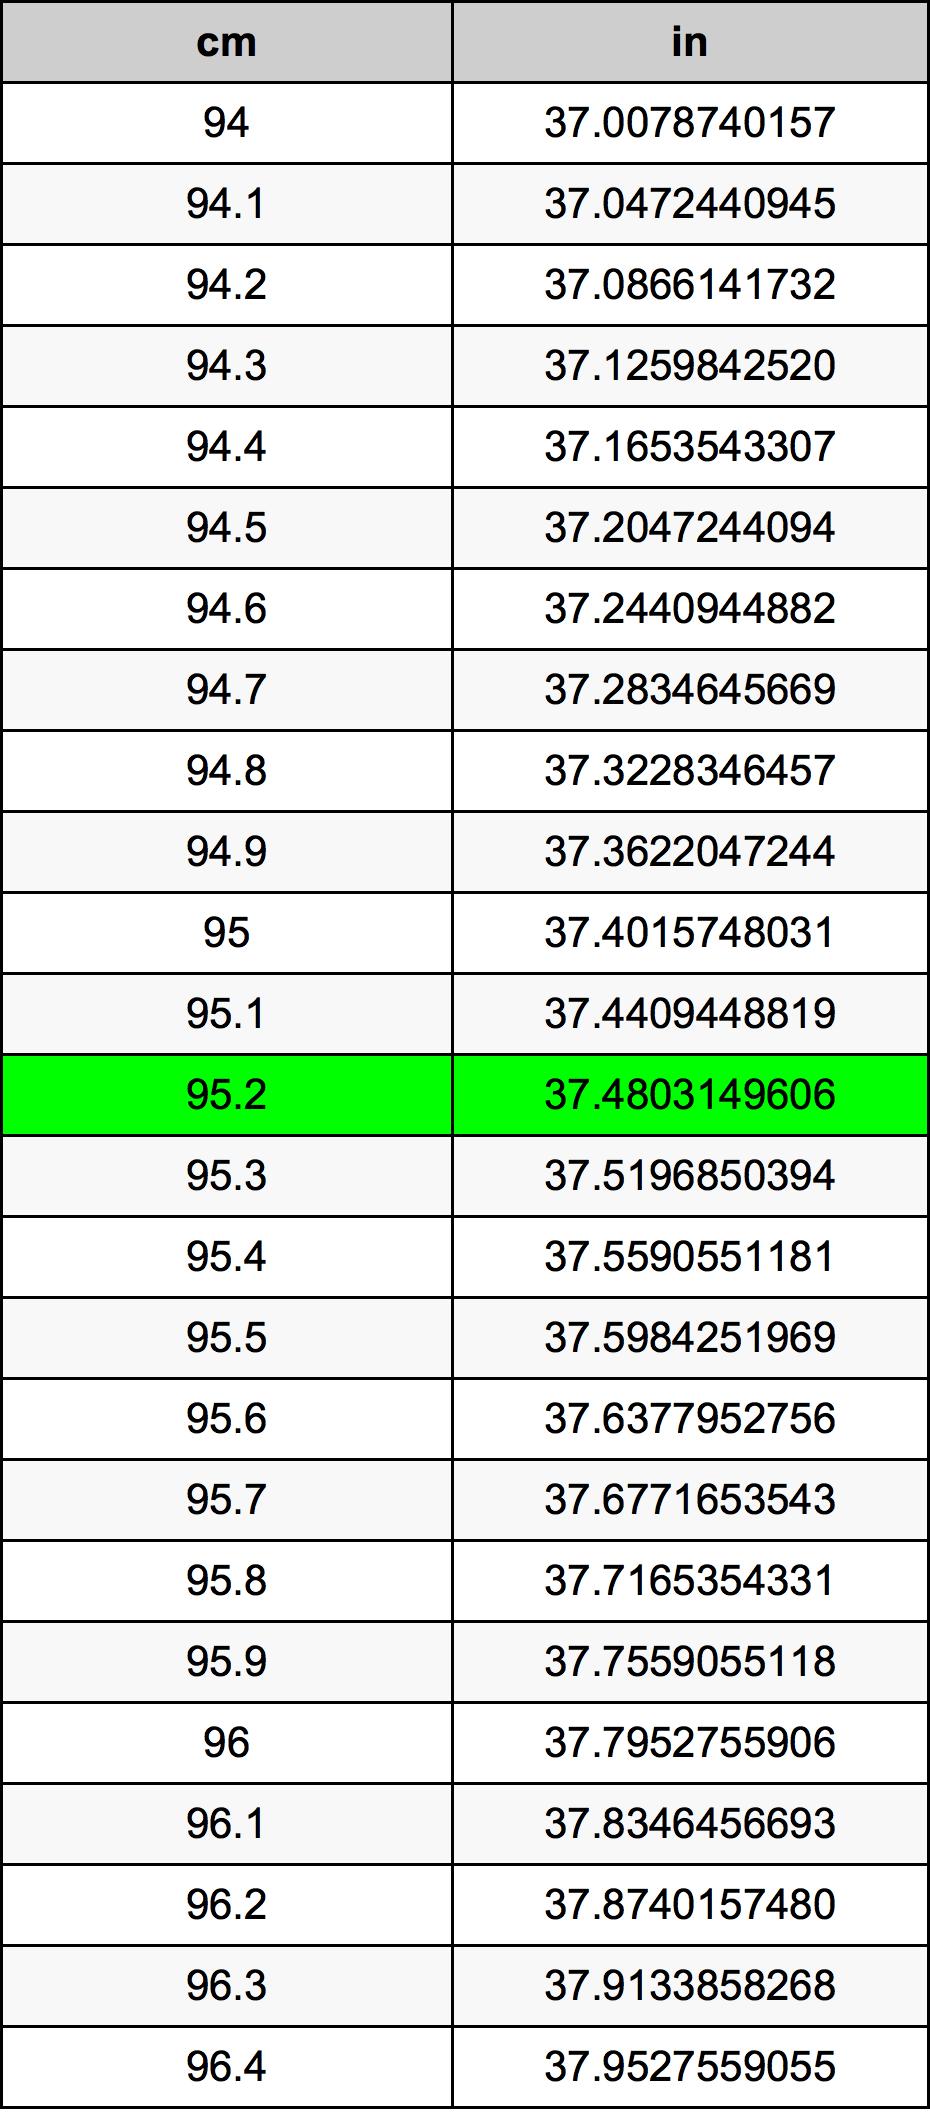 95.2 سنتيمتر جدول تحويل